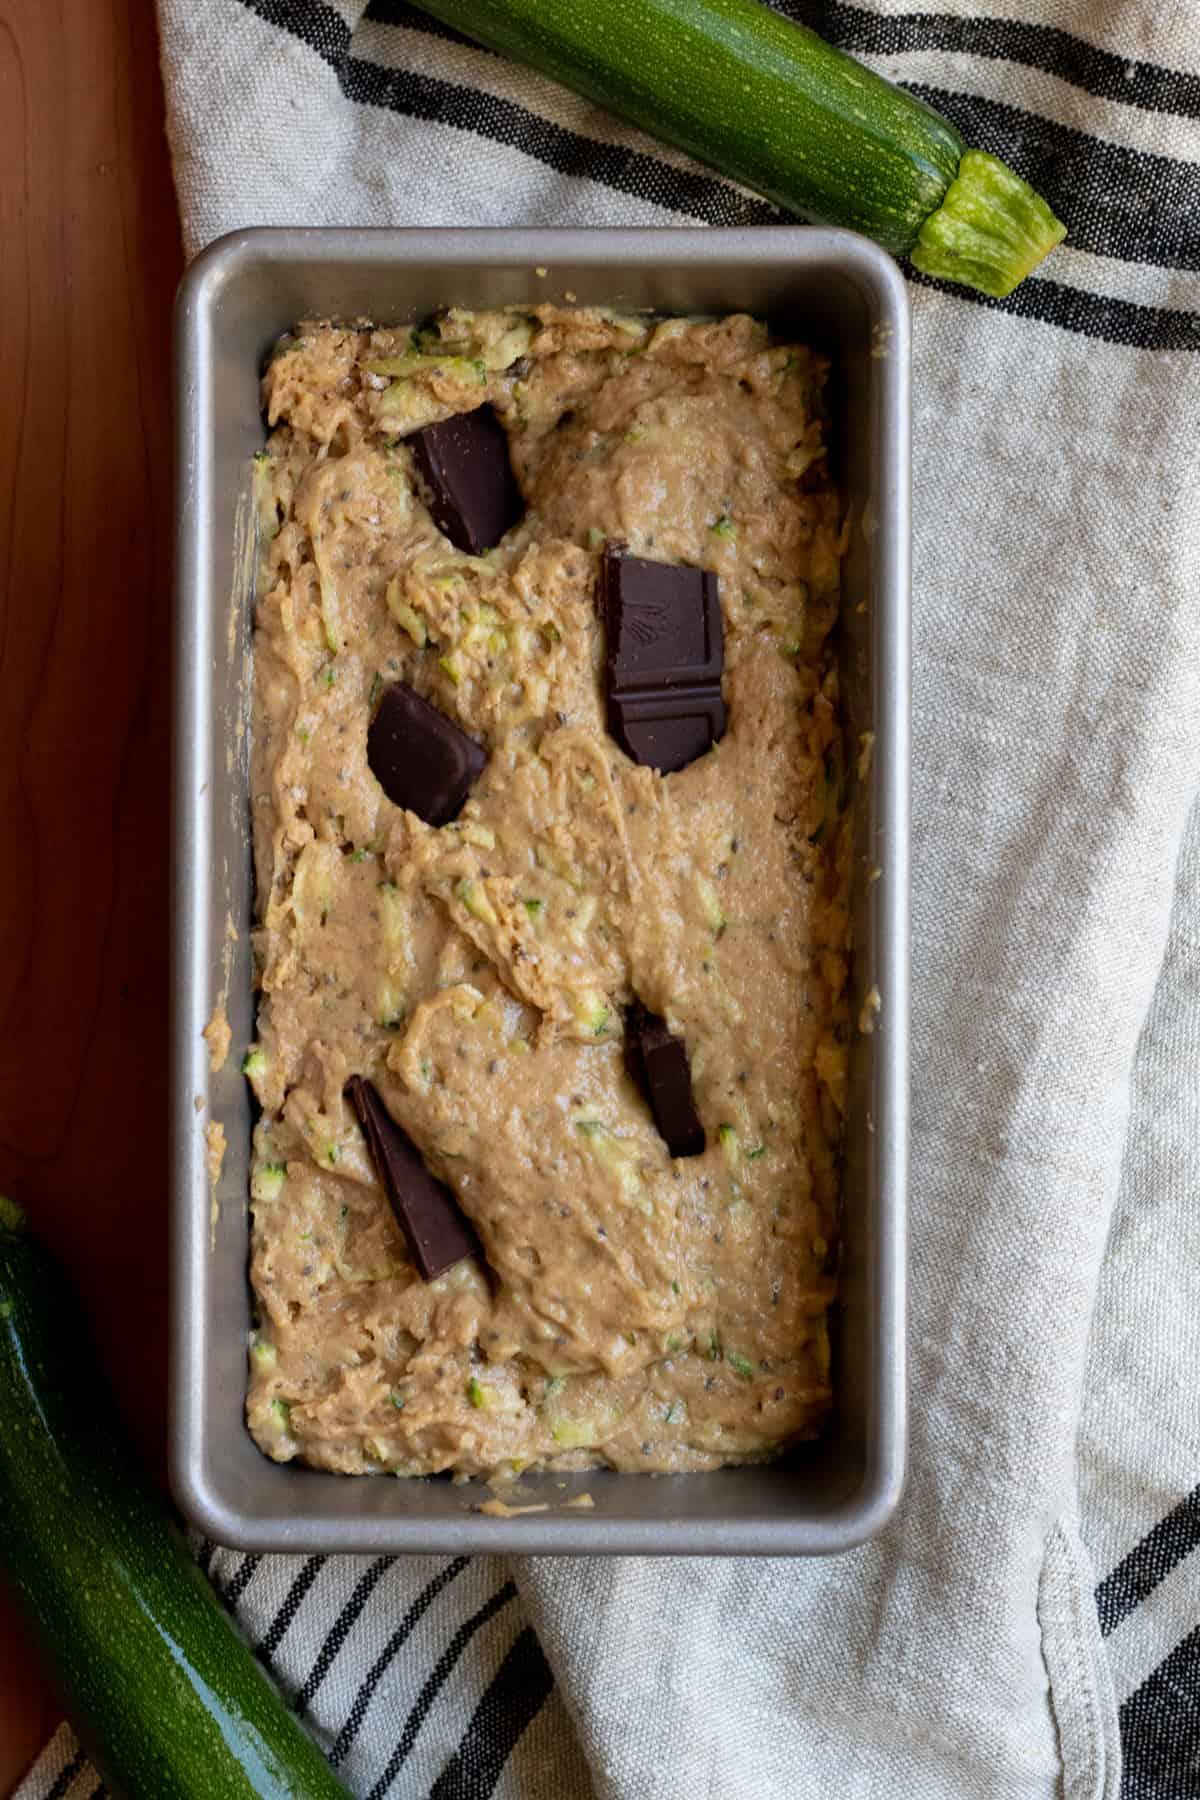 vegan zucchini bread before baking